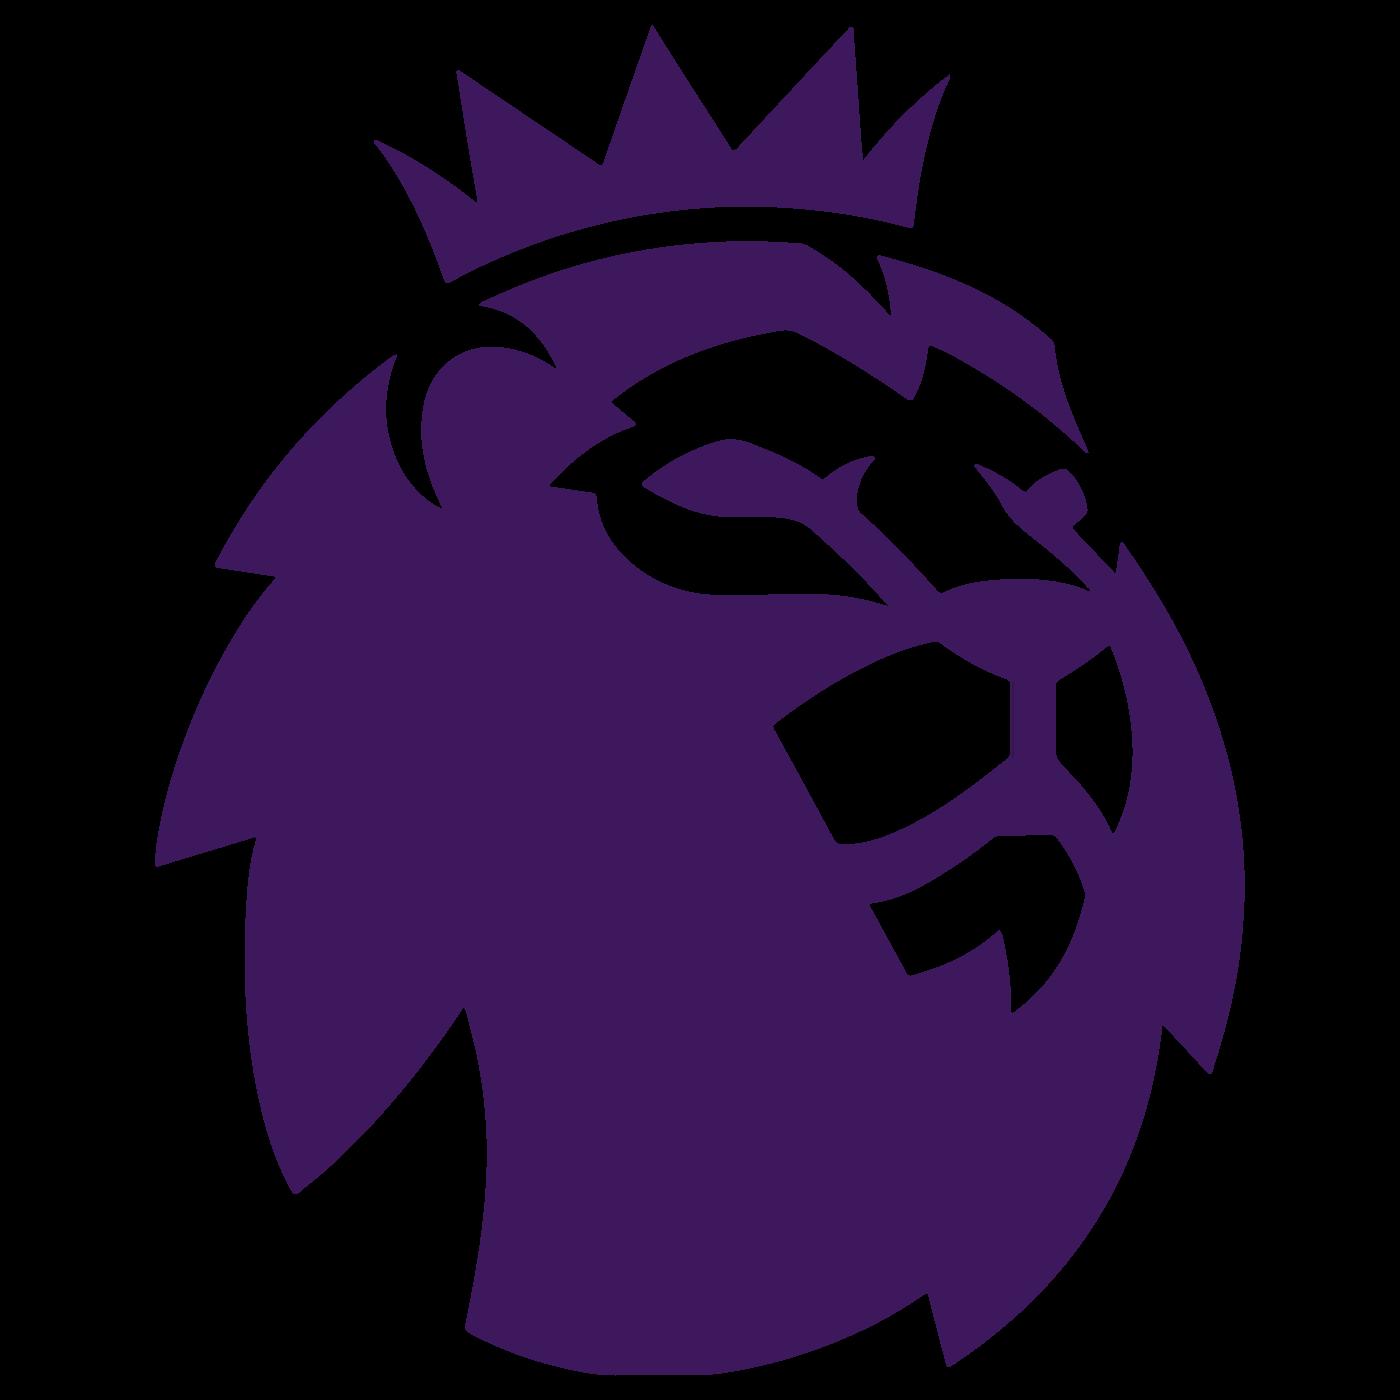 Premier League Lions Head Vector Logo Free.